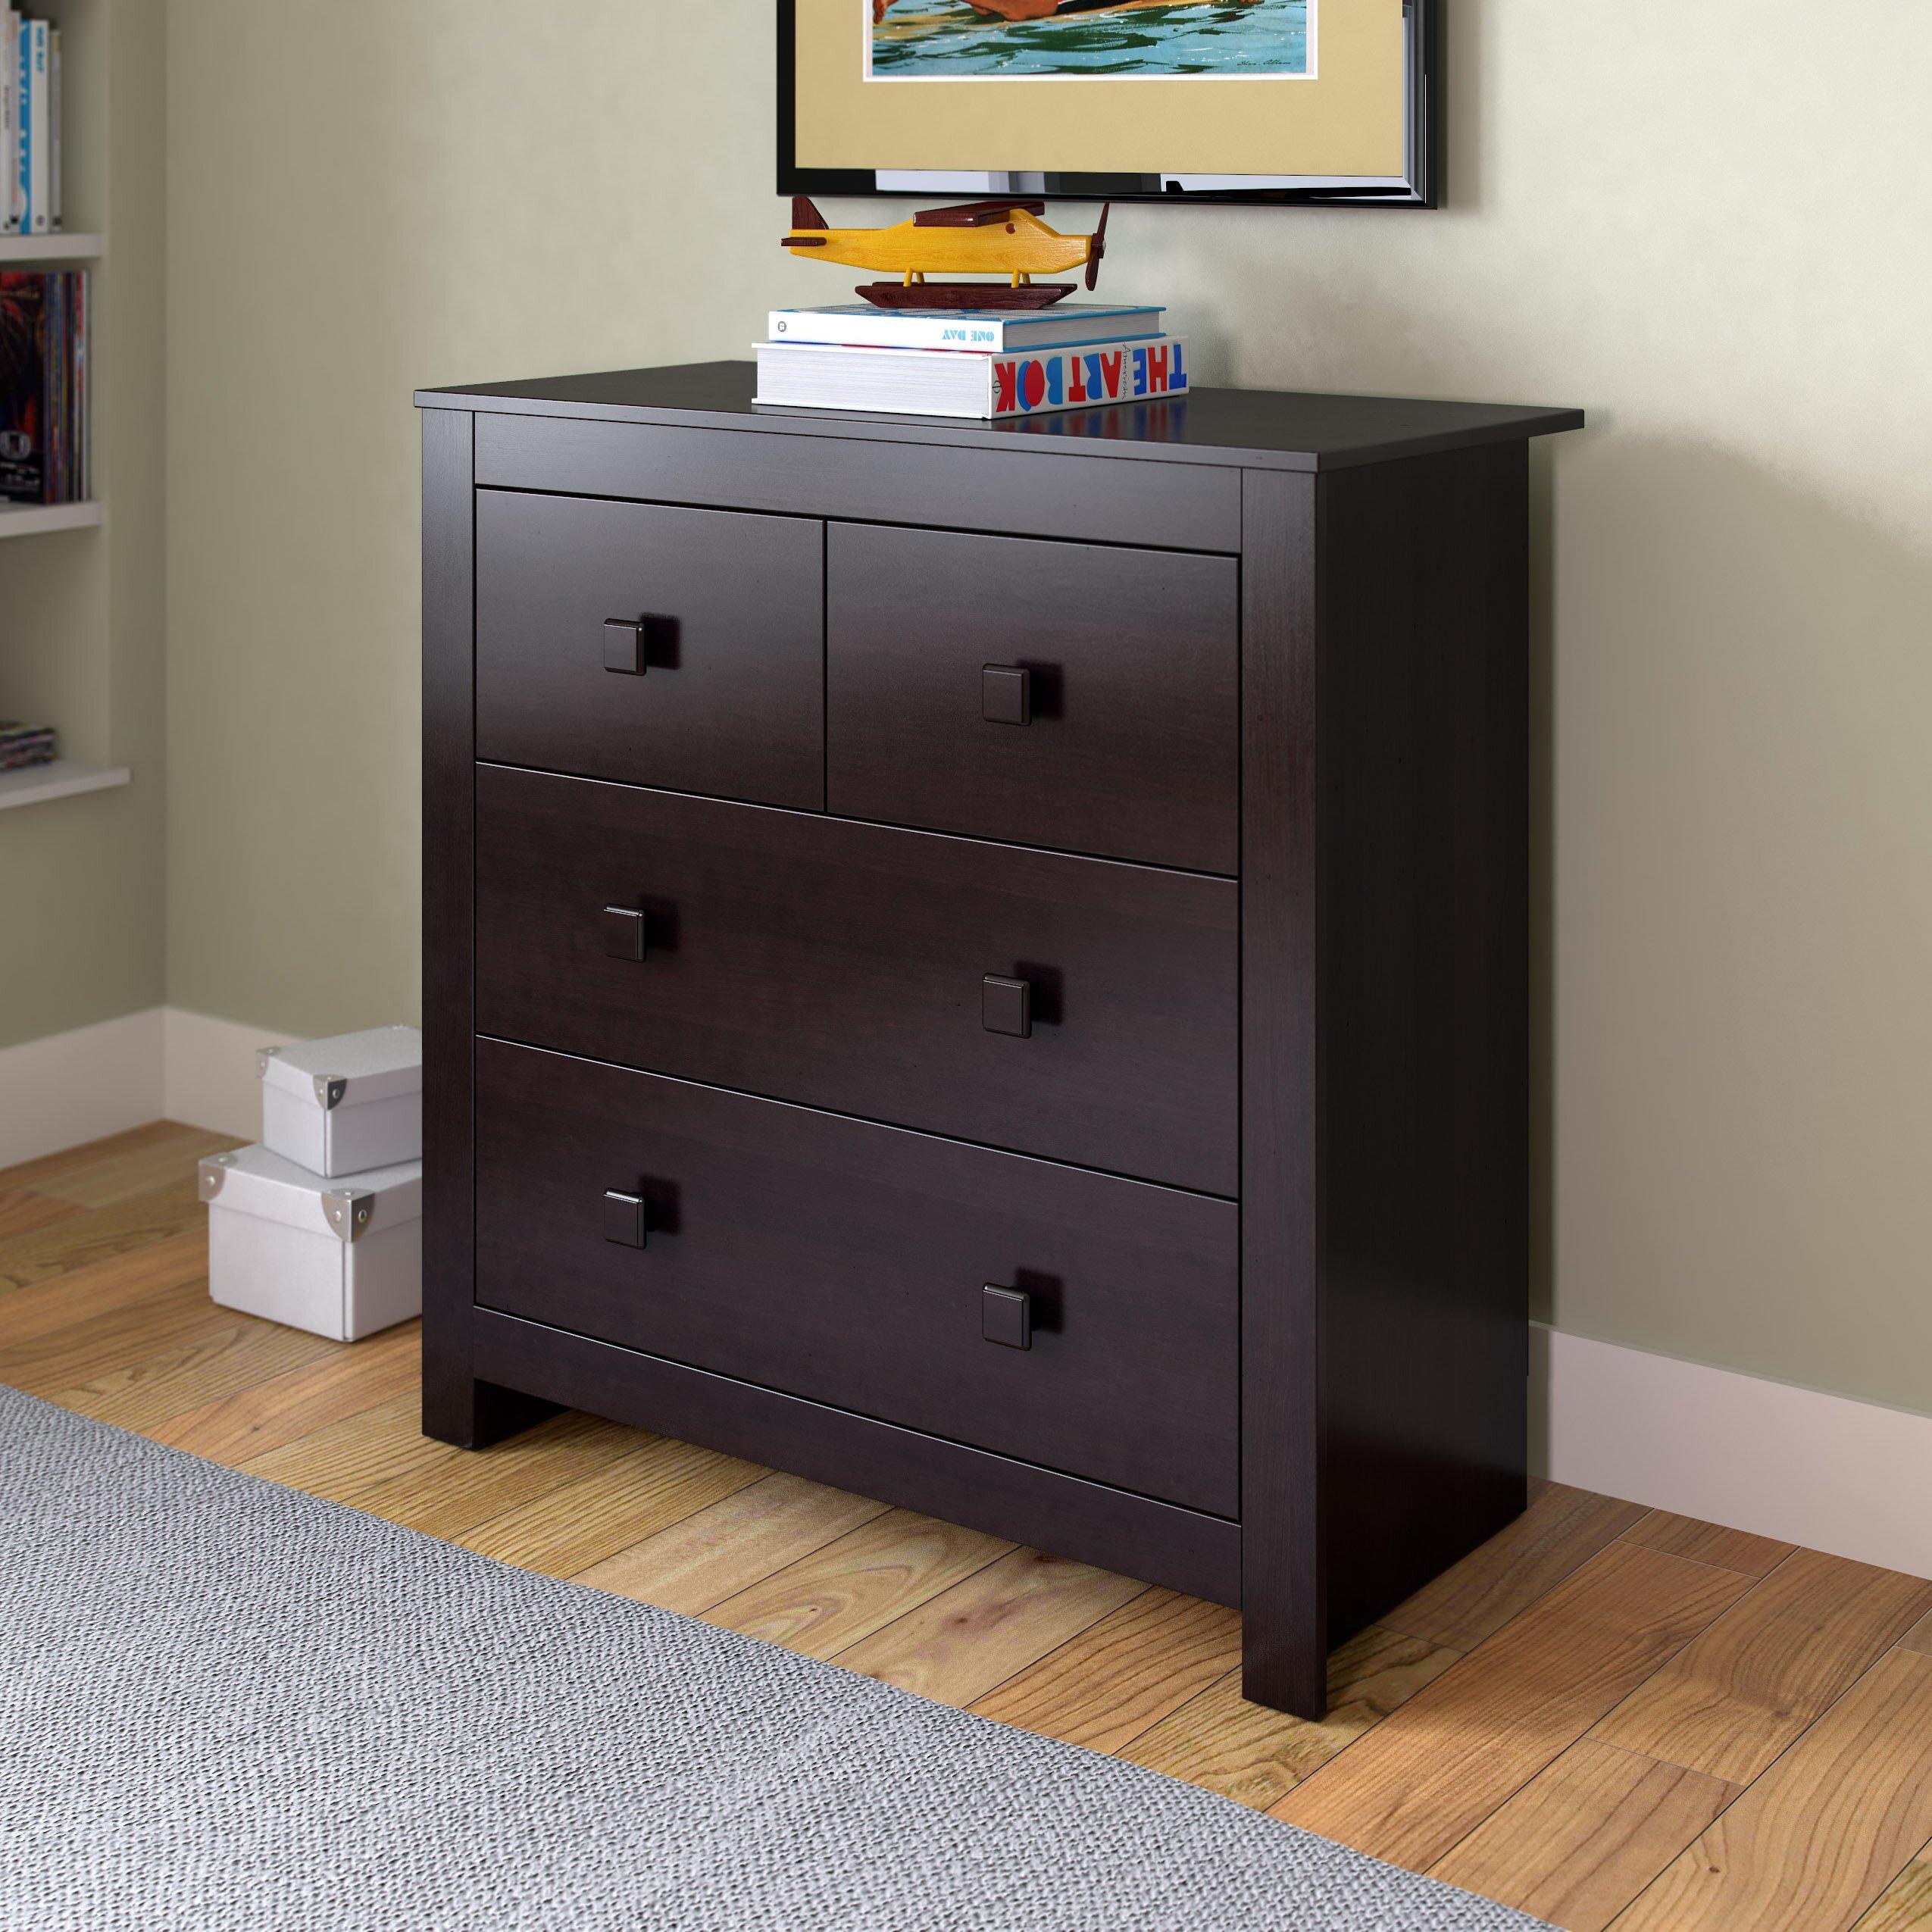 corliving madison 4 drawer dresser reviews wayfair. Black Bedroom Furniture Sets. Home Design Ideas